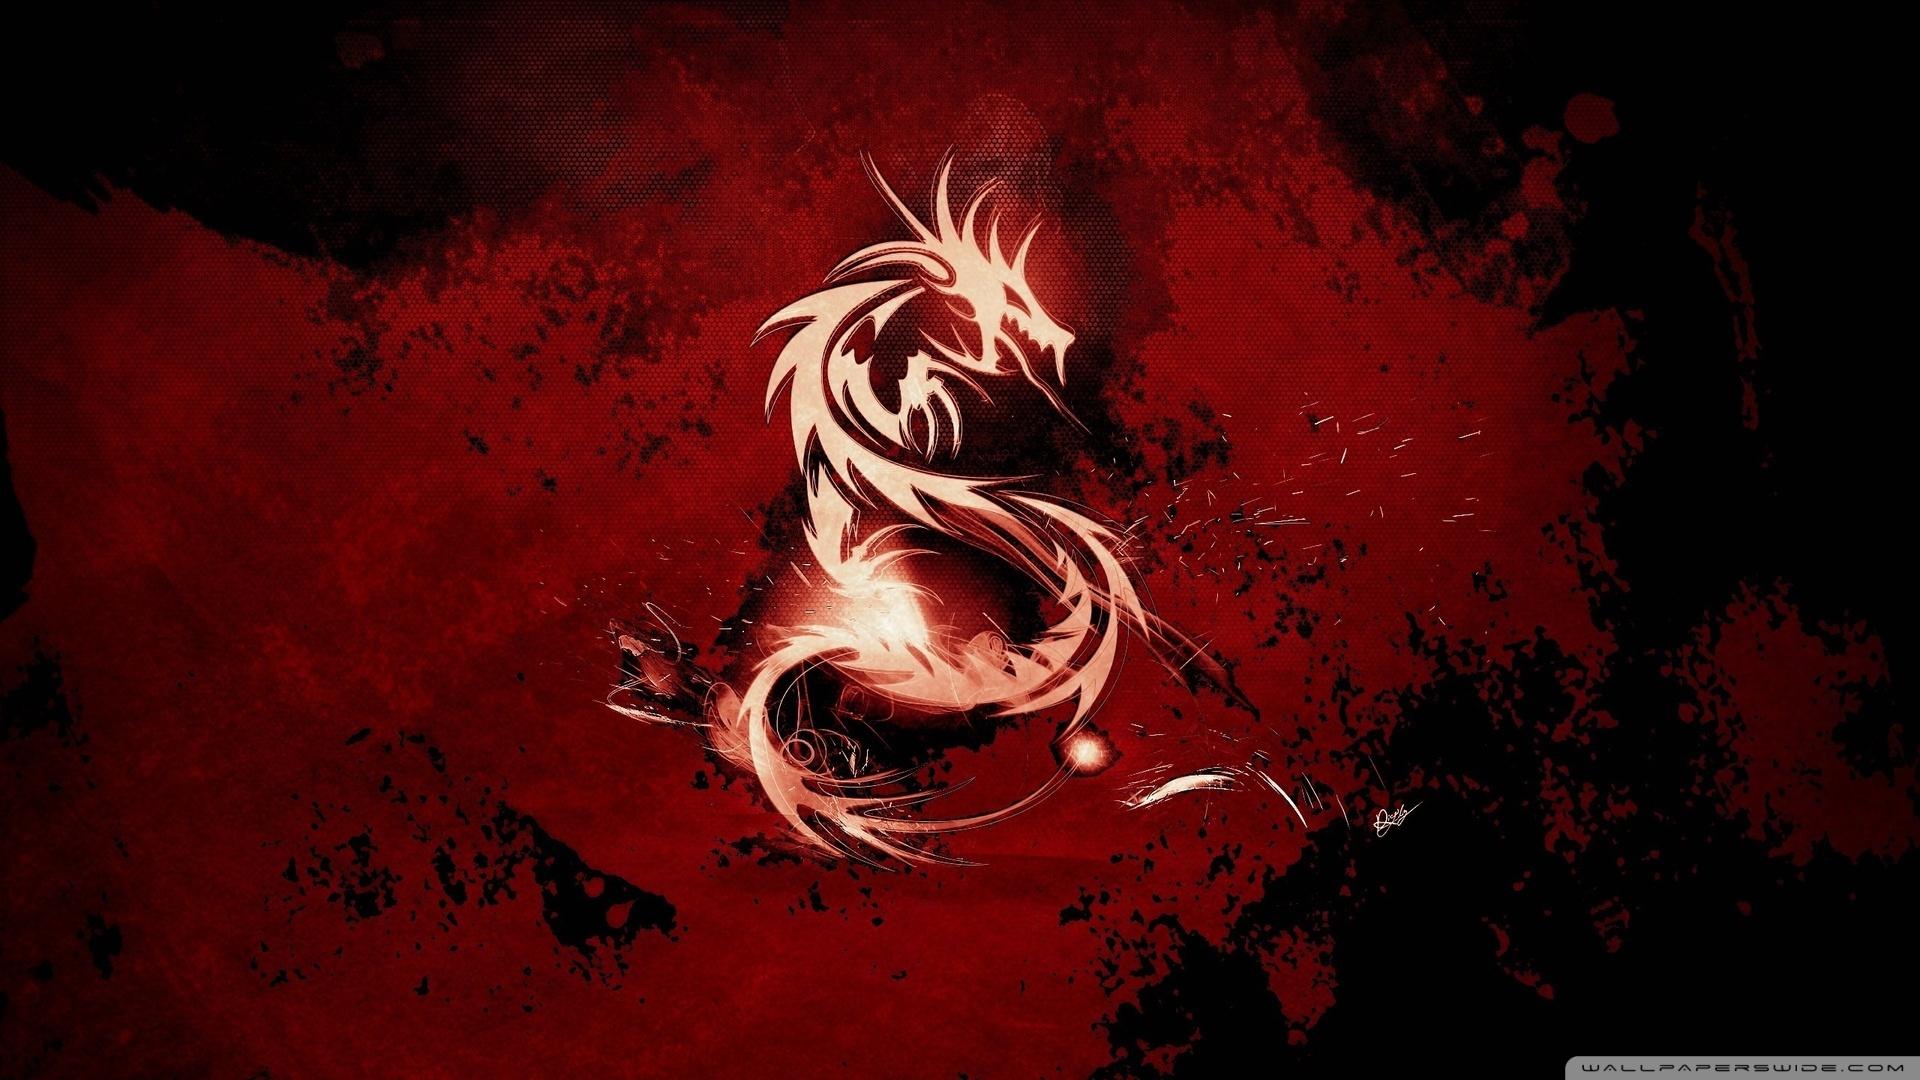 1920x1080 Dragon Wallpaper: Blood Red Dragon-wallpaper-1920x1080 Wallpaper